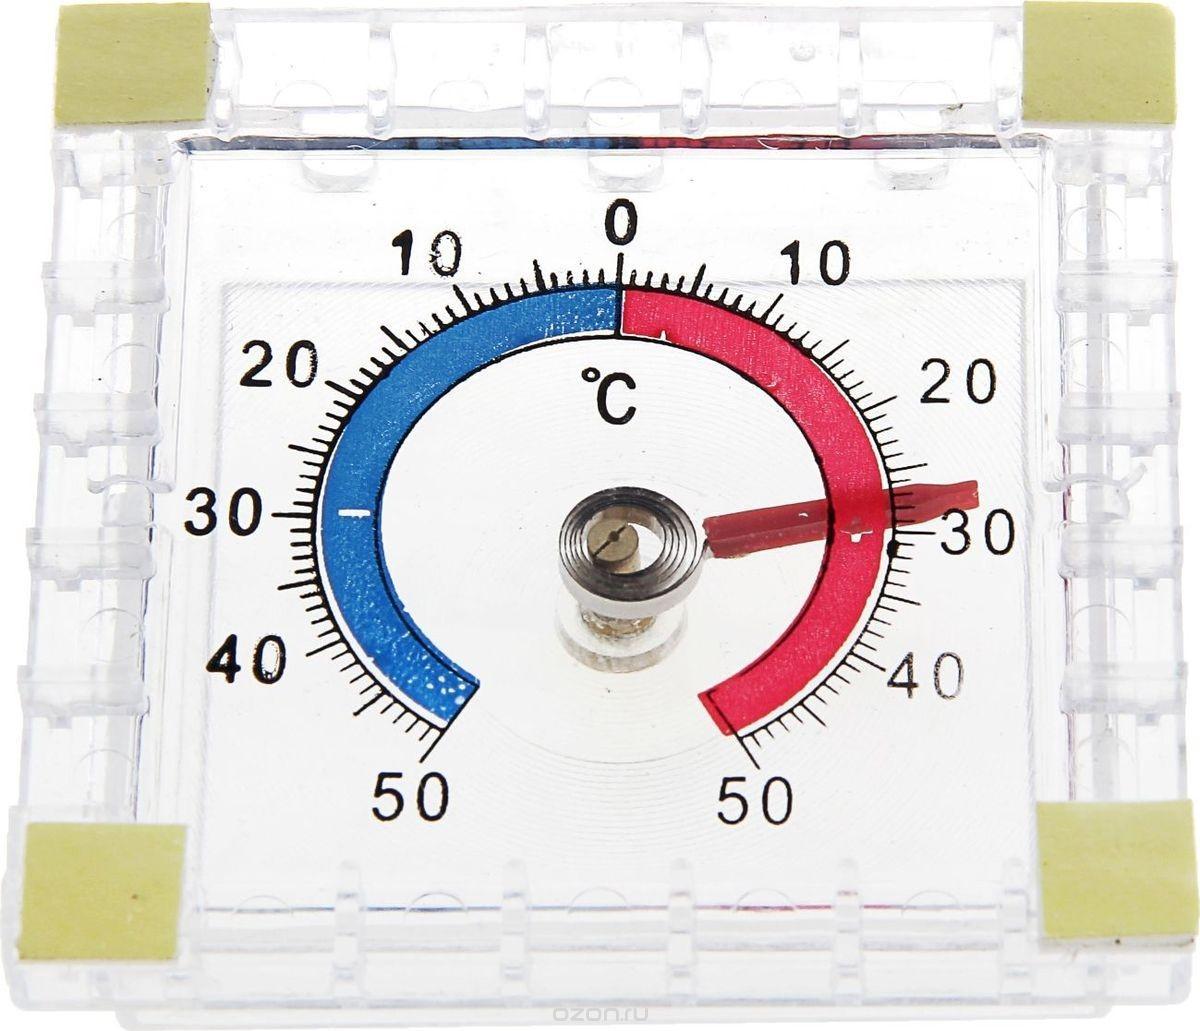 Рис. 4. Механический термометр